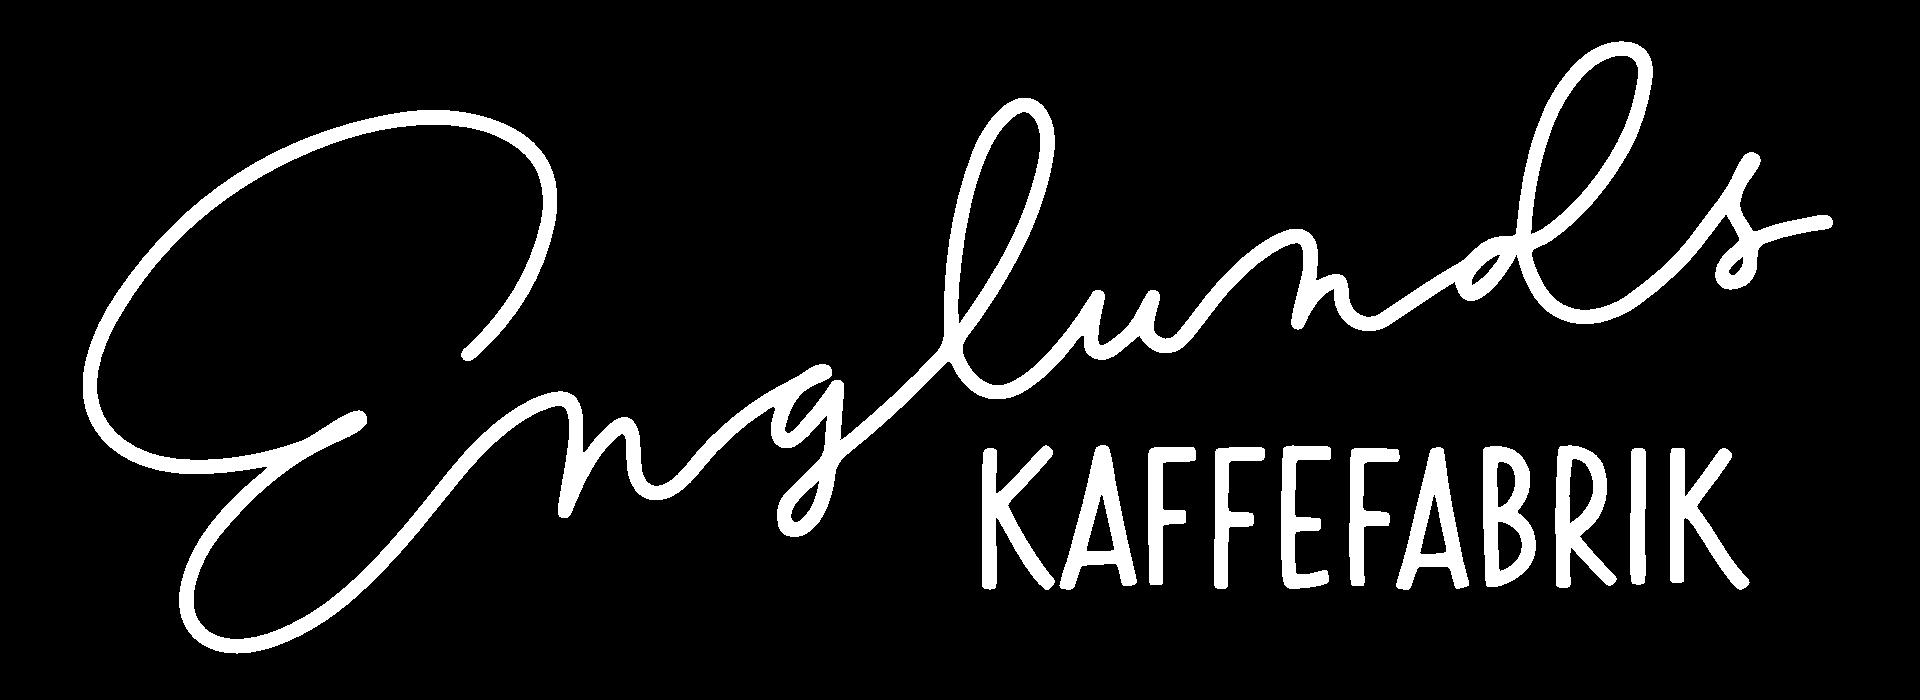 Englunds Kaffefabrik